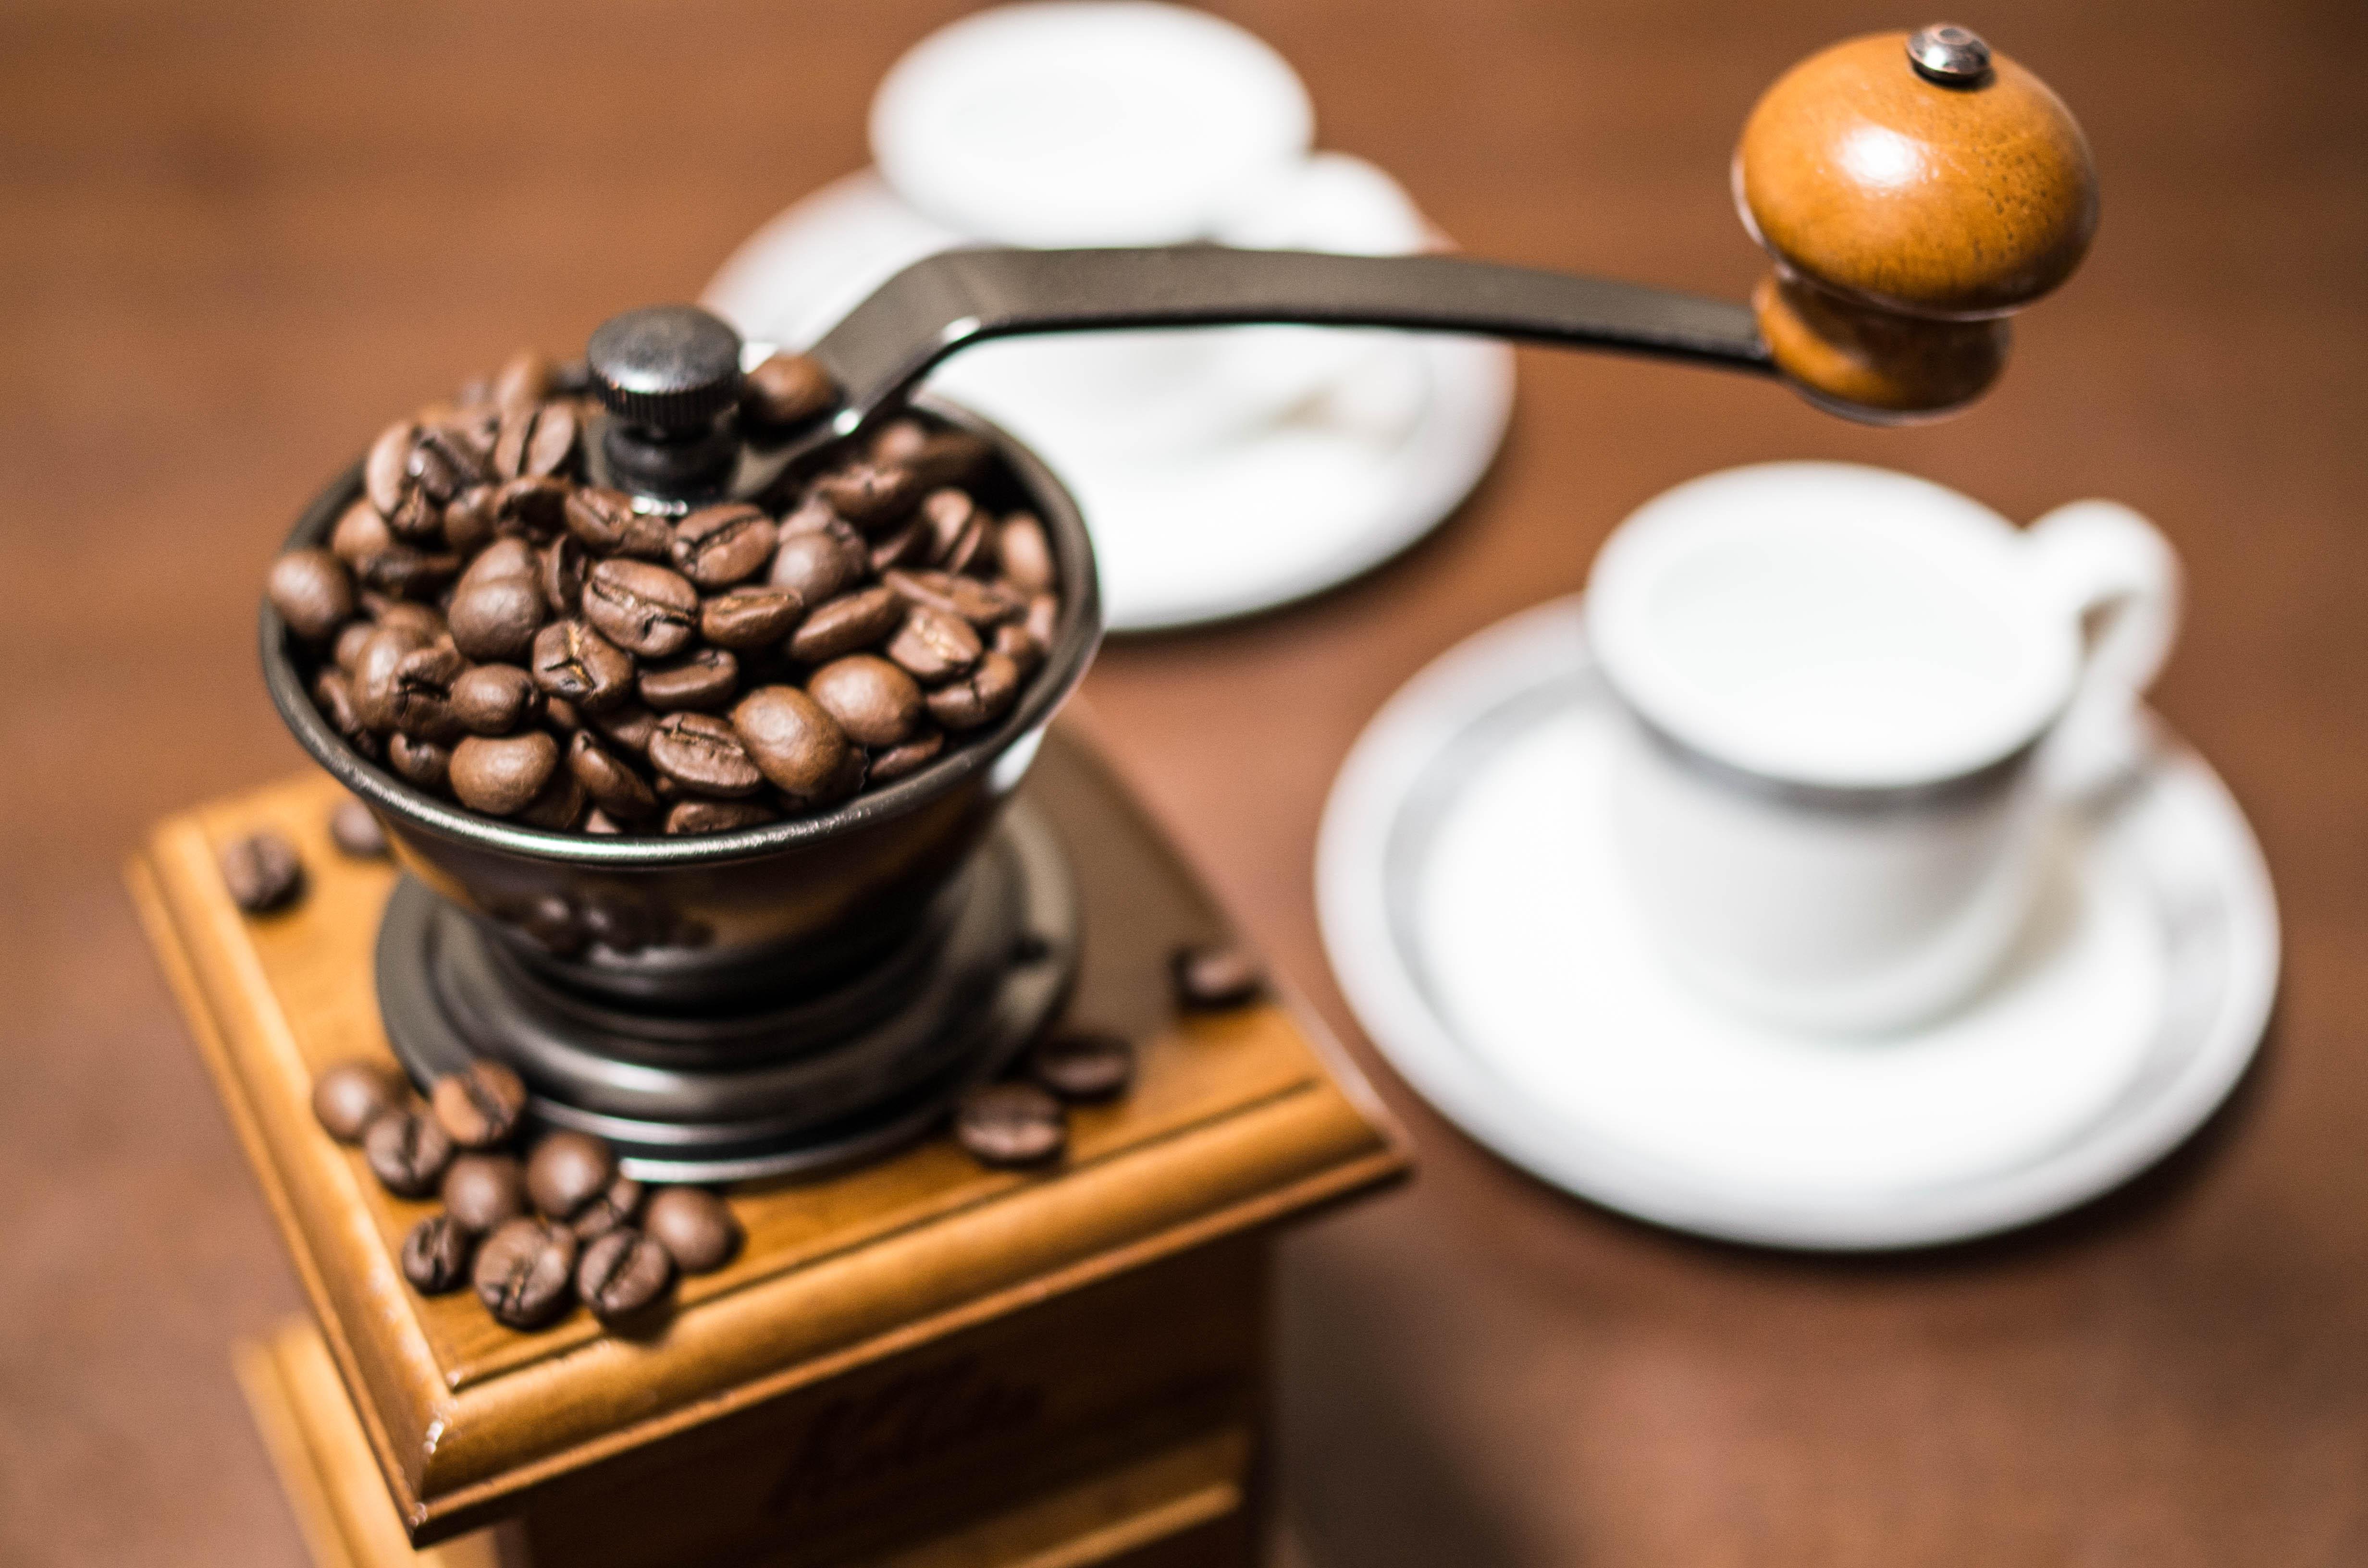 手挽きコーヒーミルの選び方&おすすめ5選【こだわりのコーヒーを】